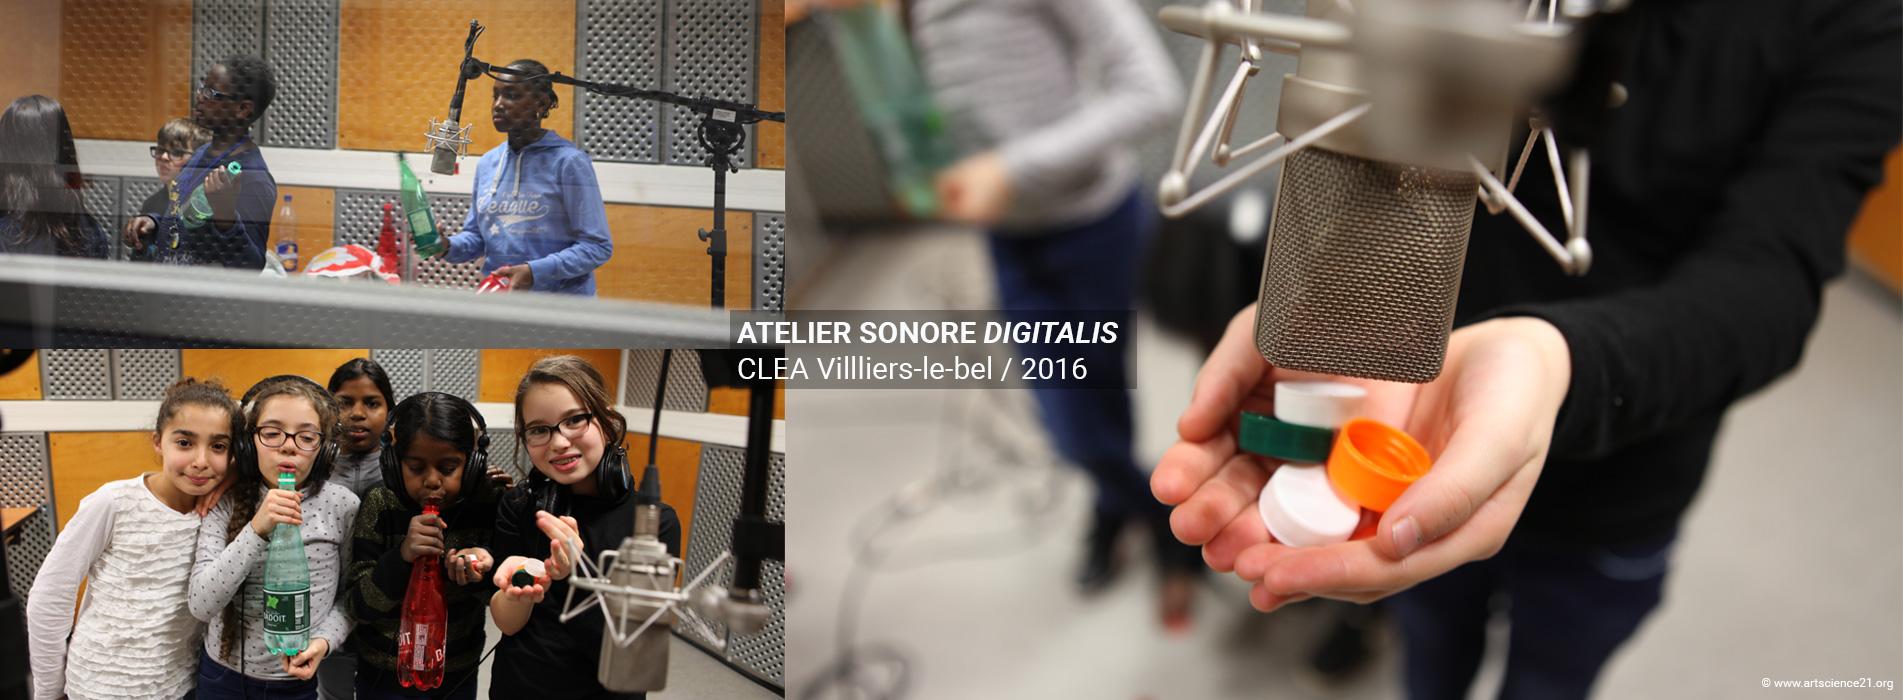 Atelier sonore Digitalis